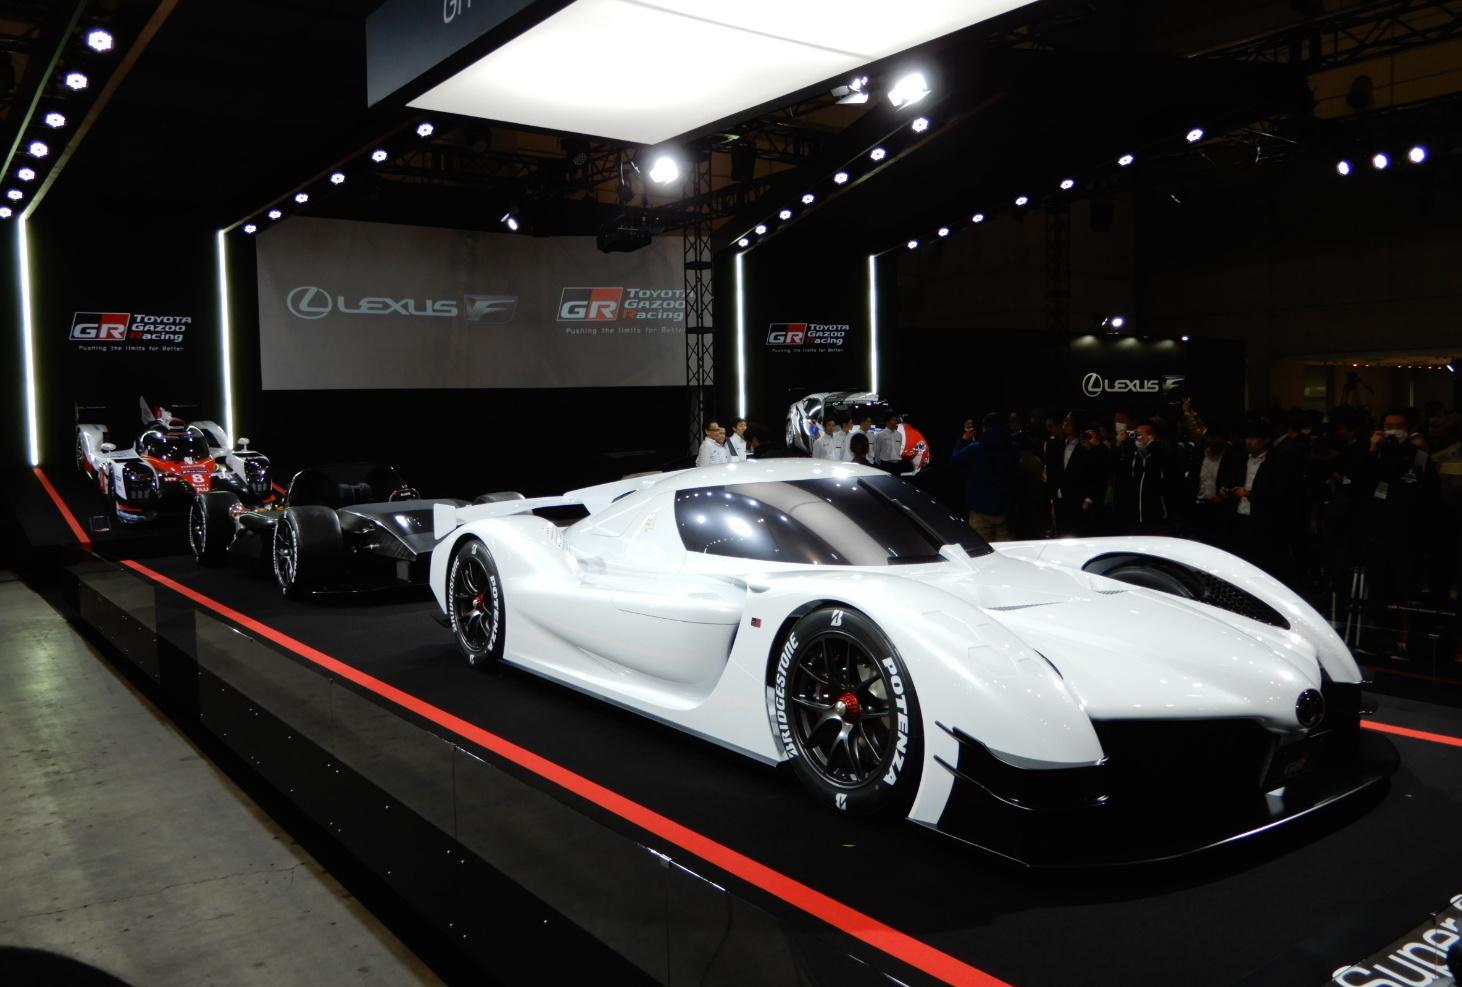 会場ではGRスーパースポーツコンセプト、その奥にシャシーのみのテスト車、さらに奥にTS050ハイブリッドが飾られ、レーシングマシンの延長にこのコンセプトカーがあることを強調